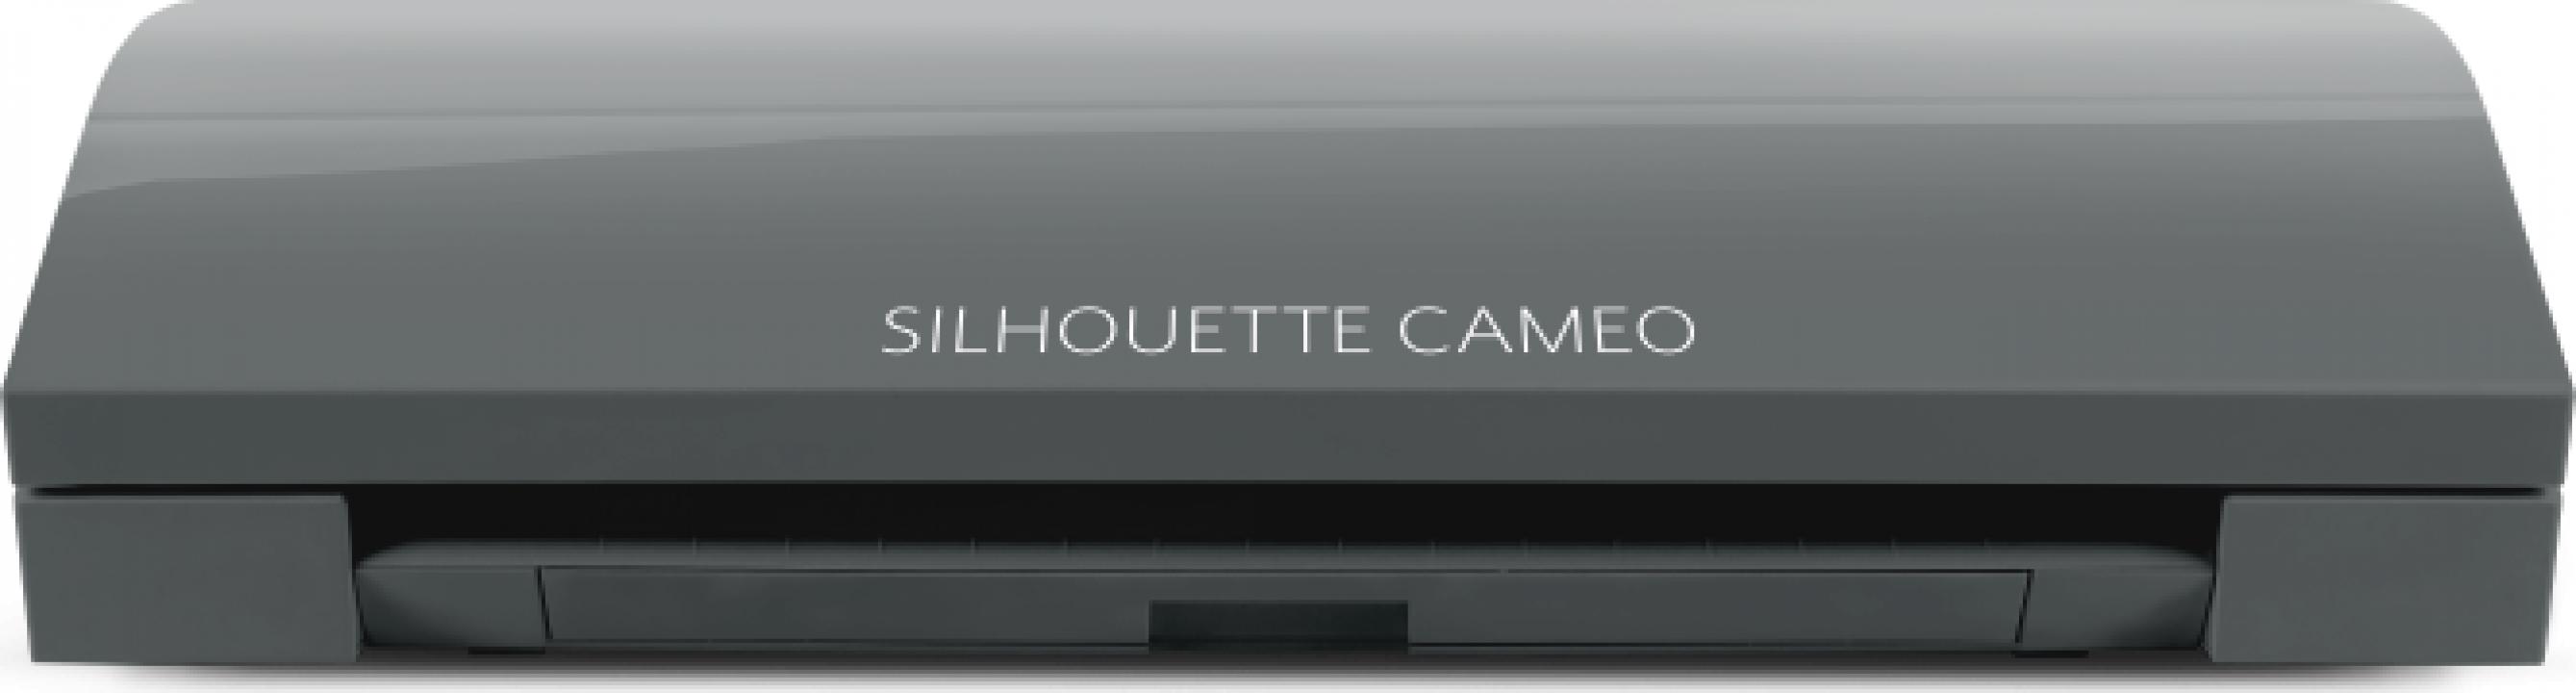 Plotter Silhouette Cameo 3 Black Editie Limitata